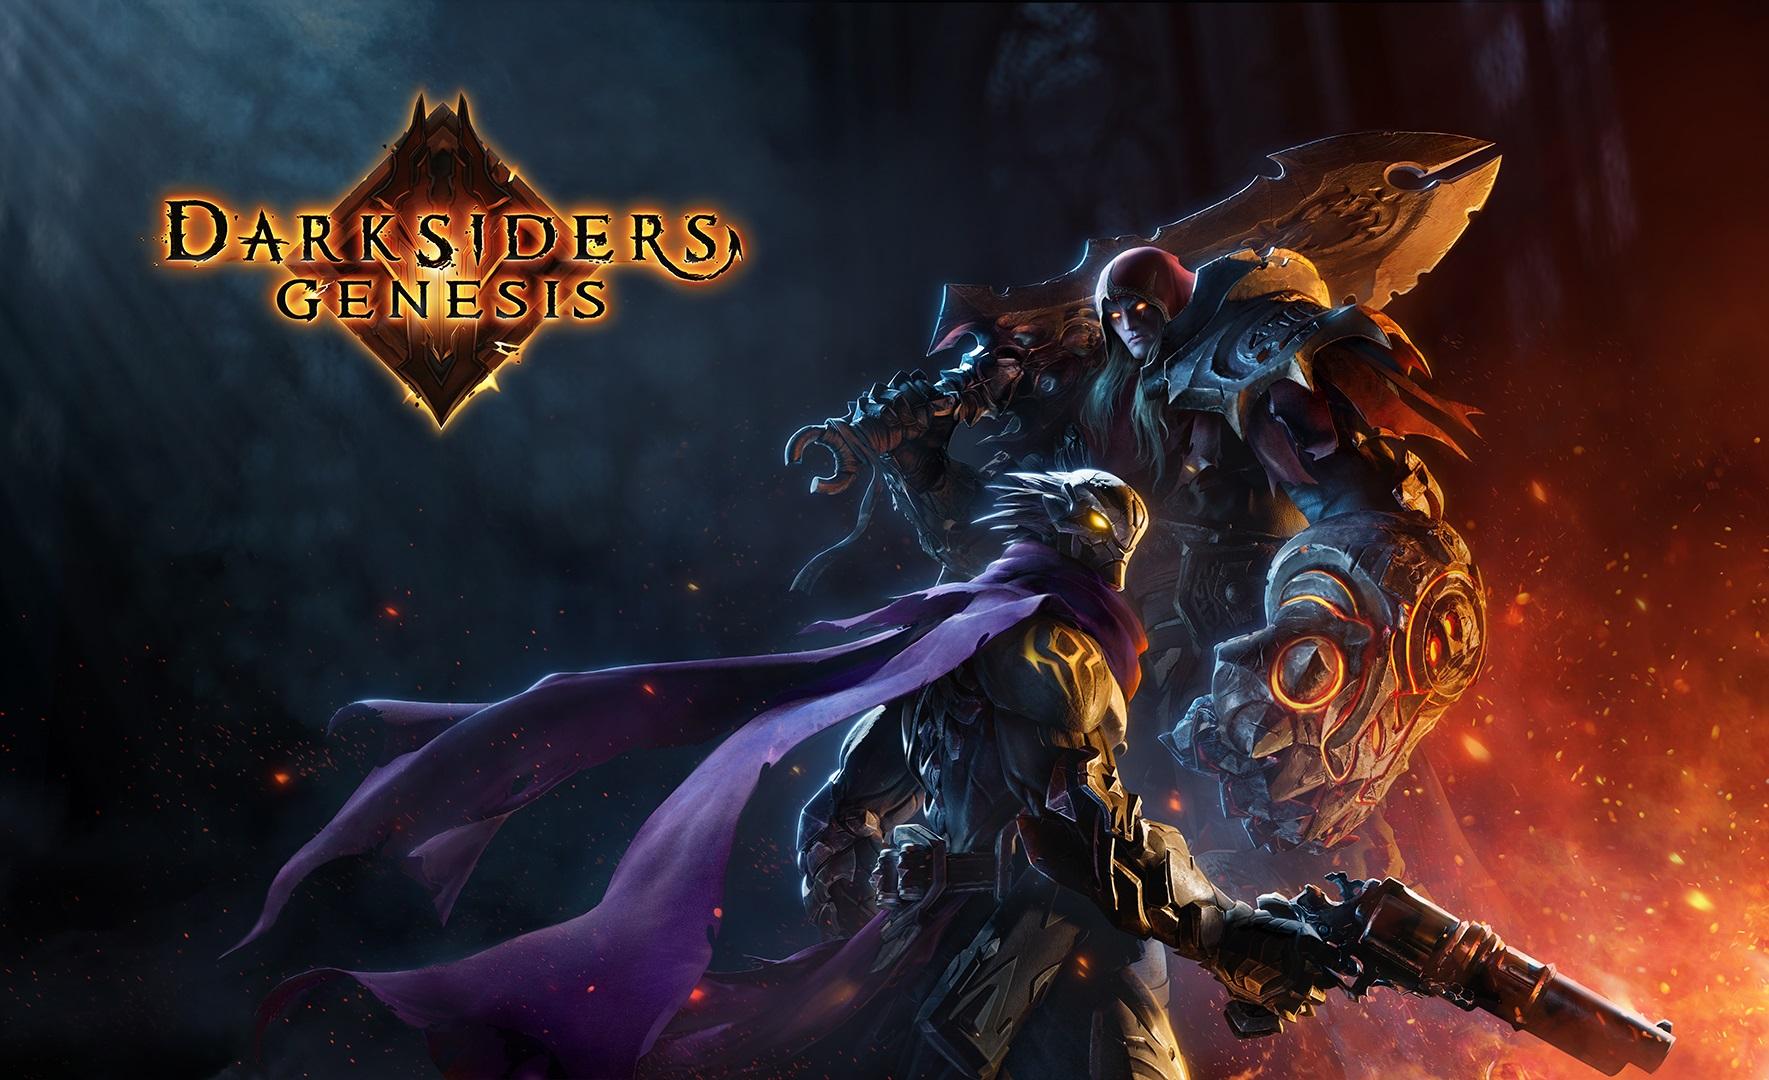 Darksiders: Genesis anunciado para PC, consoles e Stadia